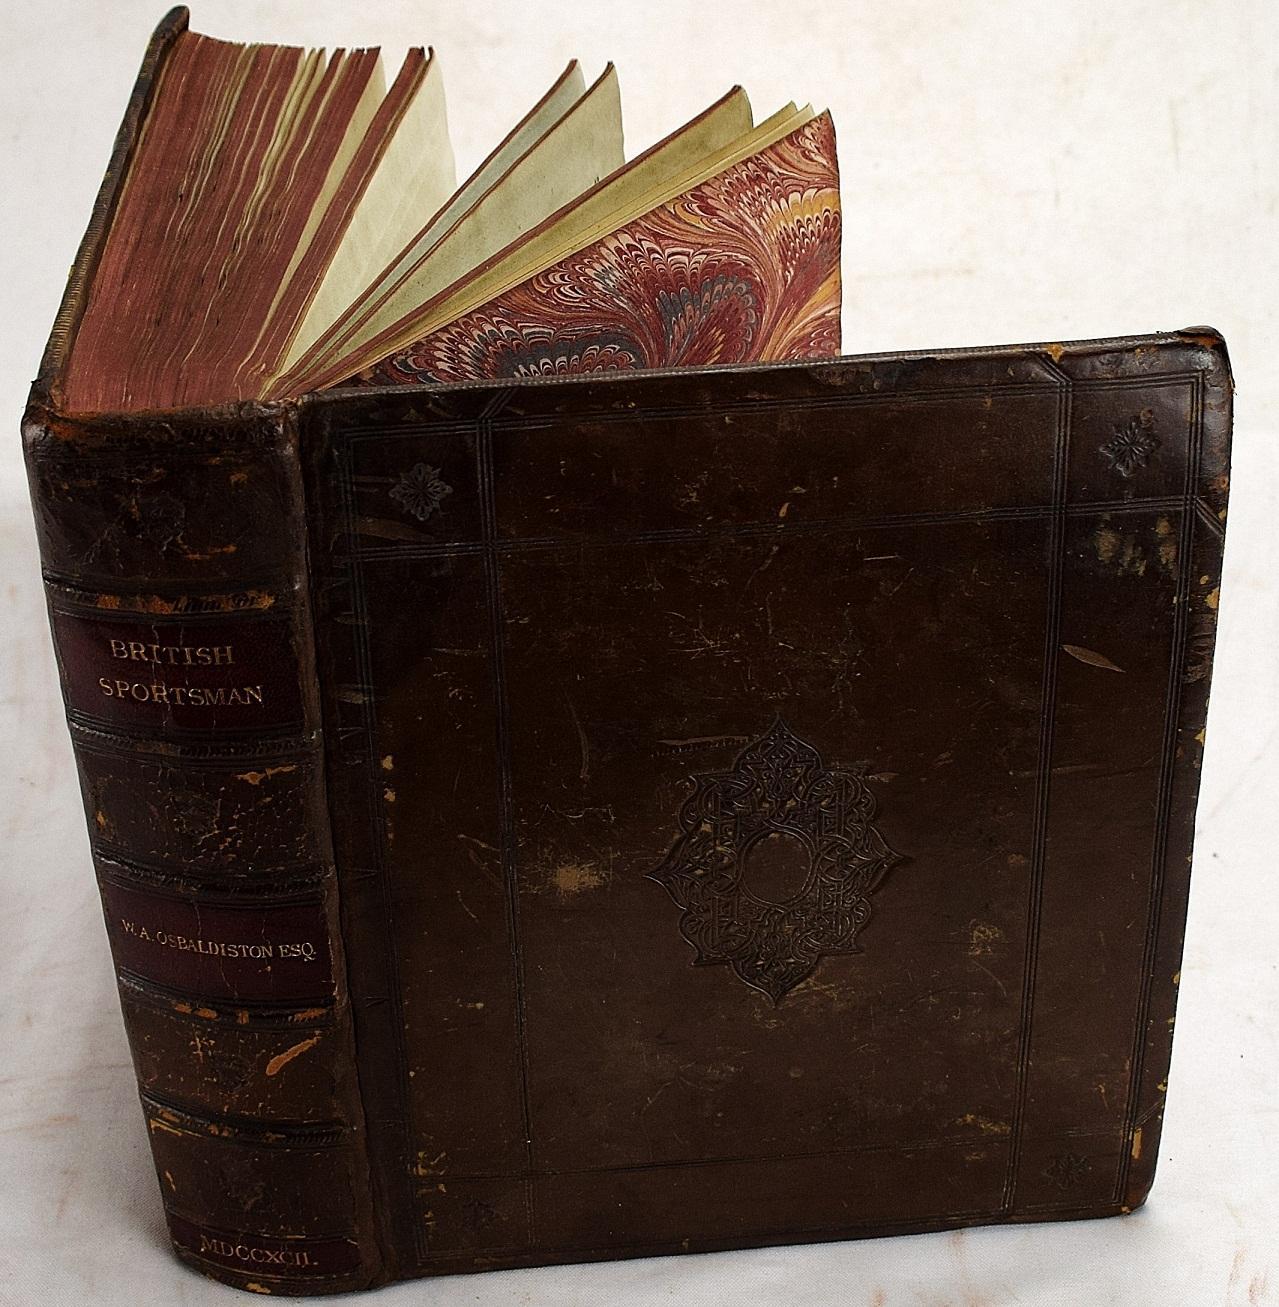 Demi Tonneau En Bois vialibri ~ rare books from 1792 - page 4